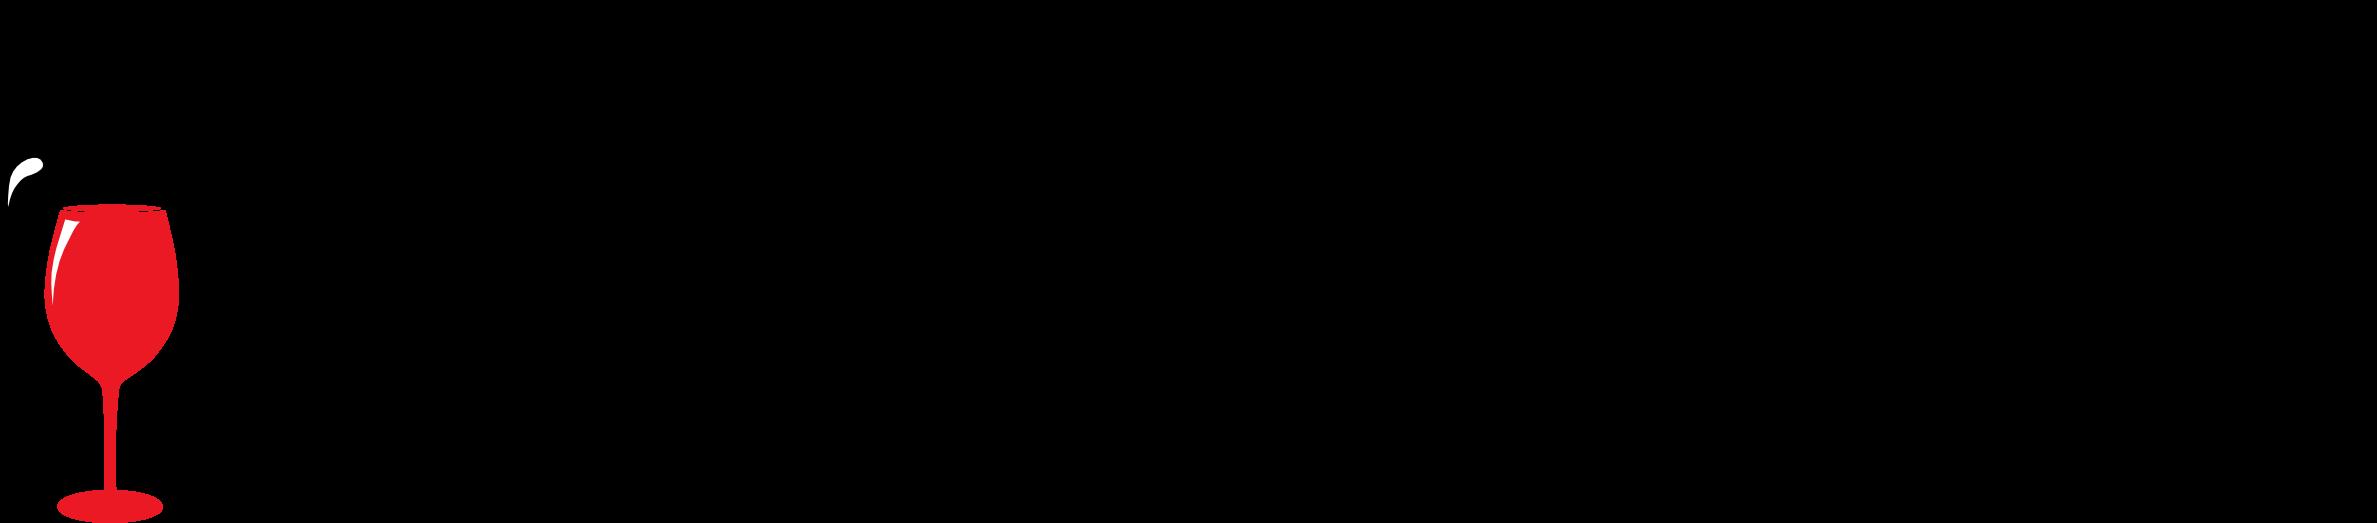 Flaskehalsen